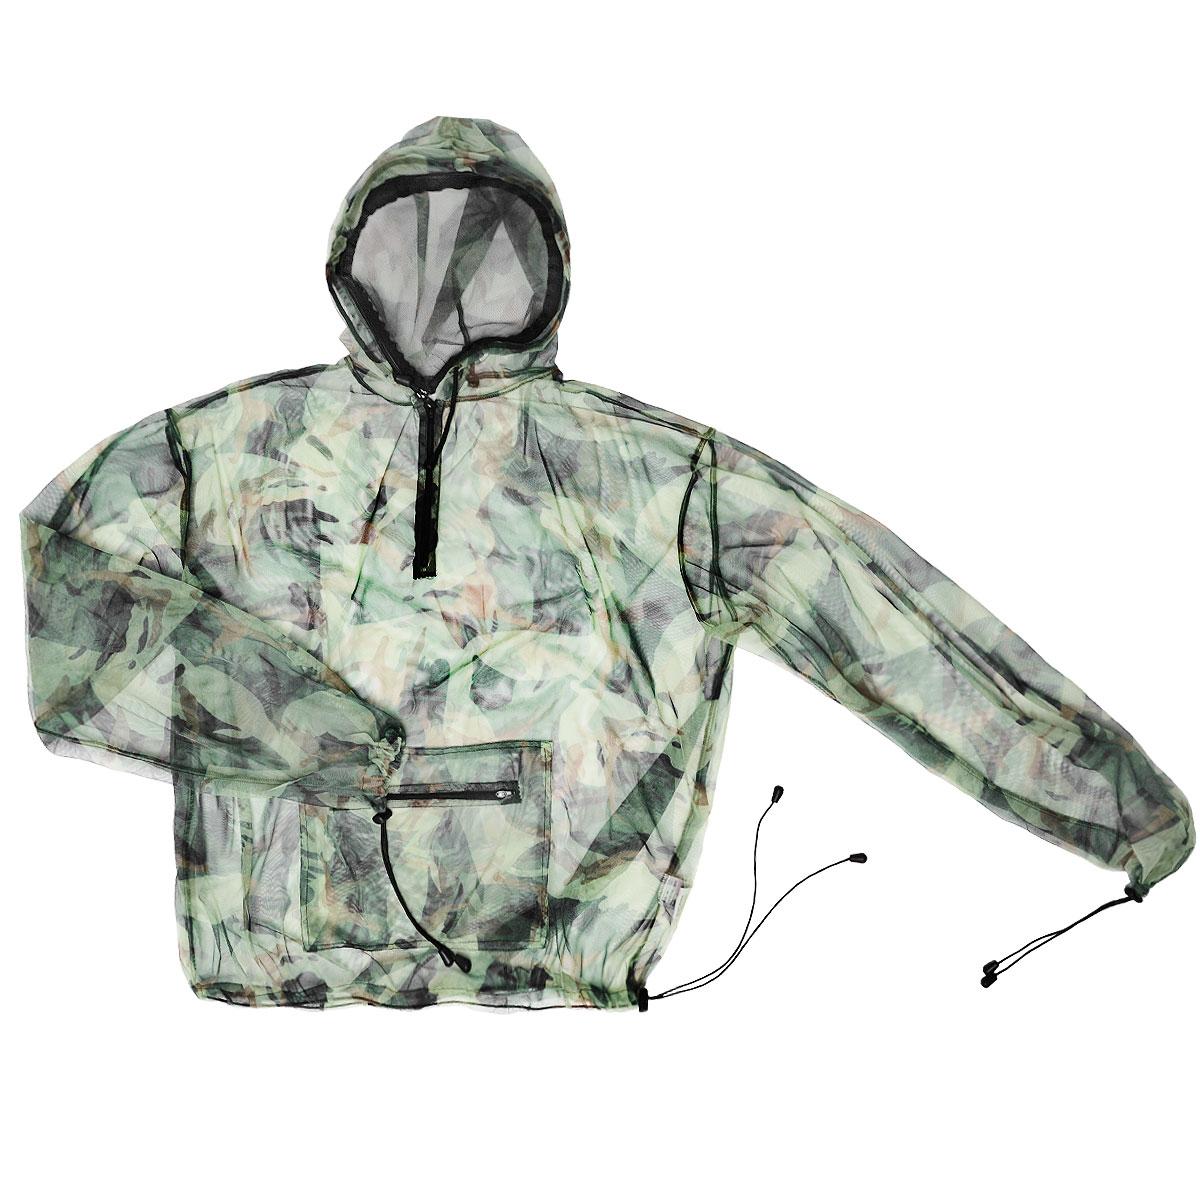 Куртка антимоскитная Norfin, цвет: милитари. 6020. Размер L (50/52)6020Антимоскитная куртка защитит тело и лицо от насекомых. Куртка с капюшоном и длинными рукавами, выполненная из легкой сетки, на груди застегивается на застежку-молнию. Манжеты на рукавах и низ изделия затягиваются при помощи эластичных резинок с фиксаторами. Спереди она дополнена вместительным карманом на застежке-молнии. Капюшон оснащен защитой лица, которую при необходимости можно снять.Особенности модели:Защита тела и лица от насекомых Передняя молния Возможность снятия защиты с лица Манжеты на рукавах Нижняя стяжка куртки с фиксатором.